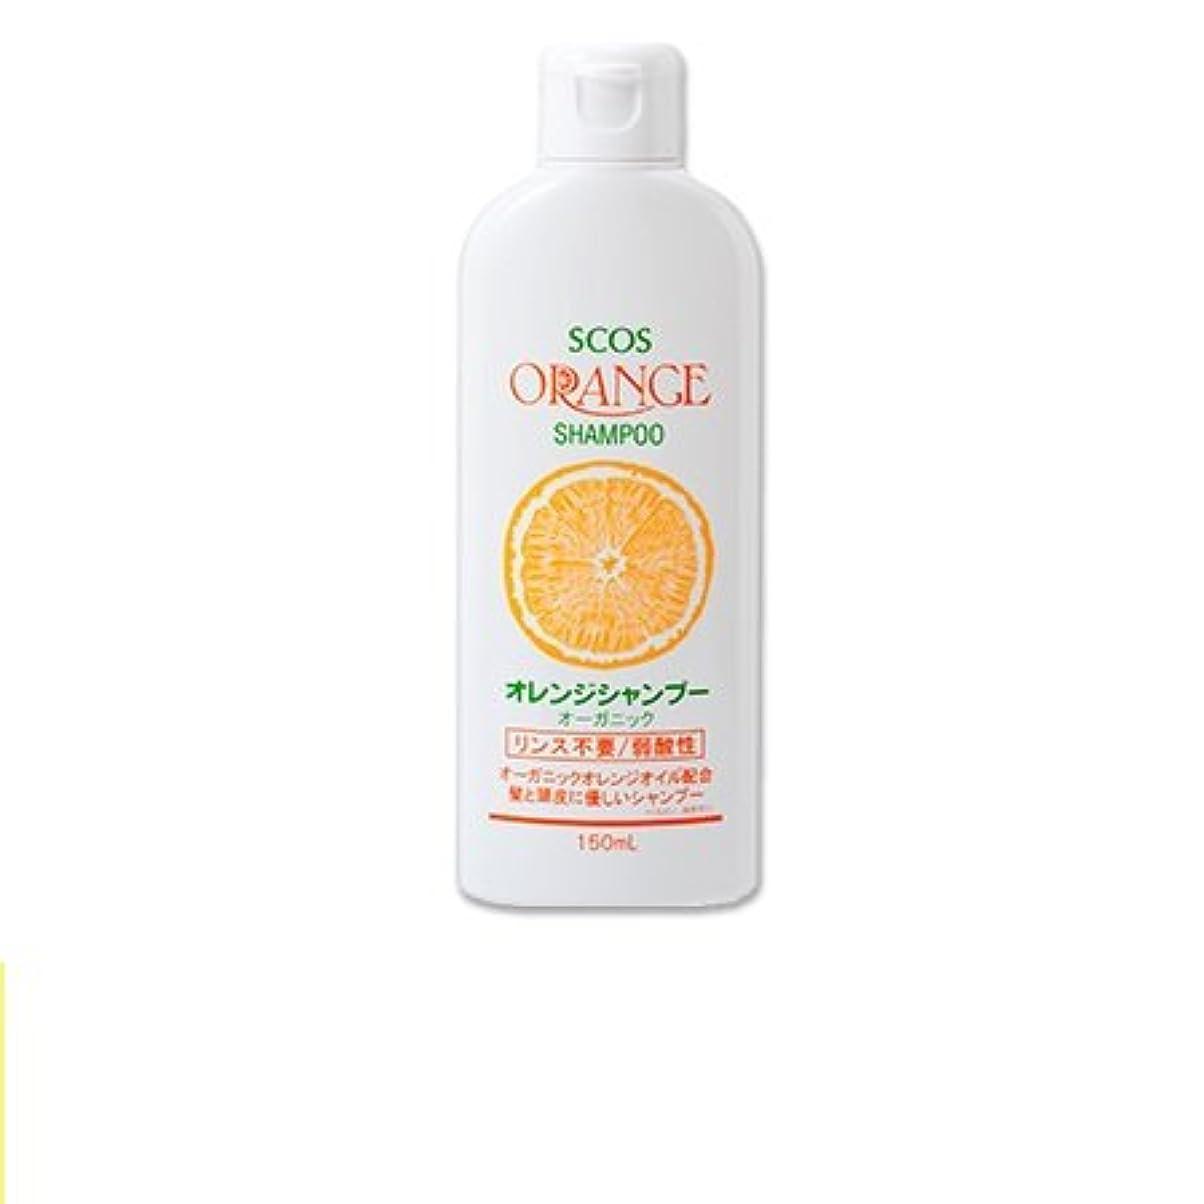 成果なんとなくプロフィールエスコス オレンジシャンプーオーガニック (150ml)